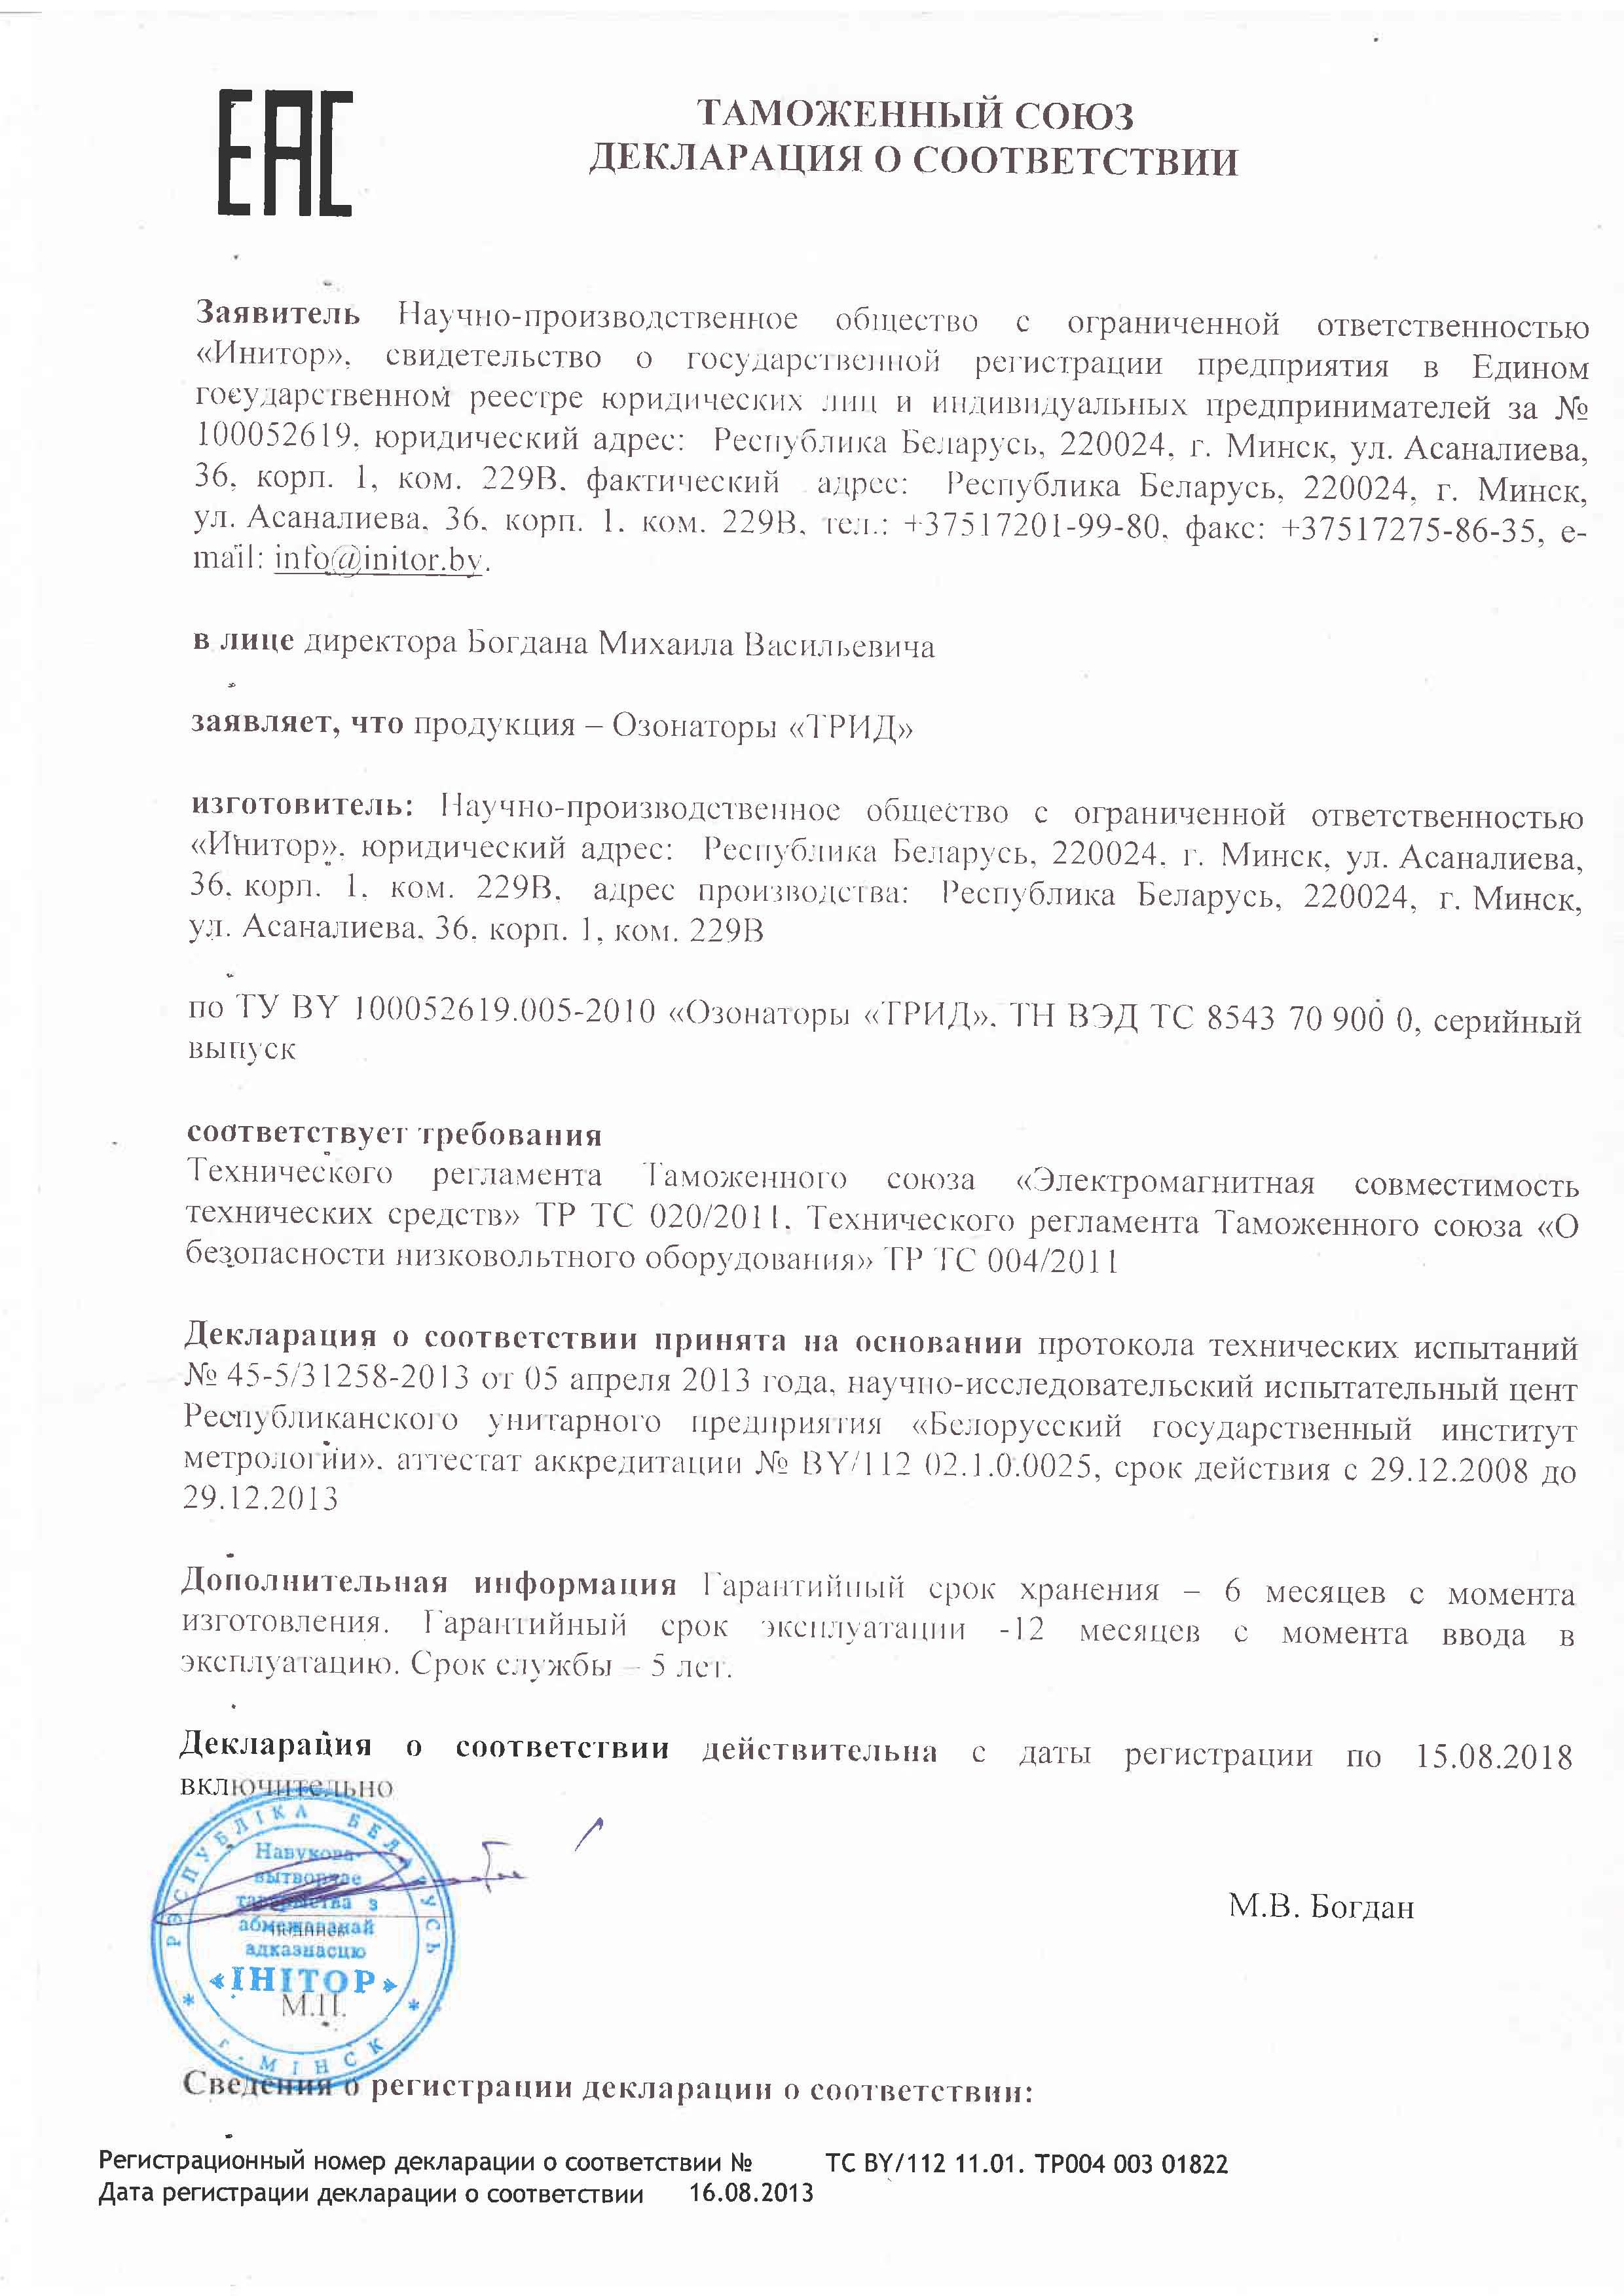 ТРИД Деклар соотв ТС 2013_2018